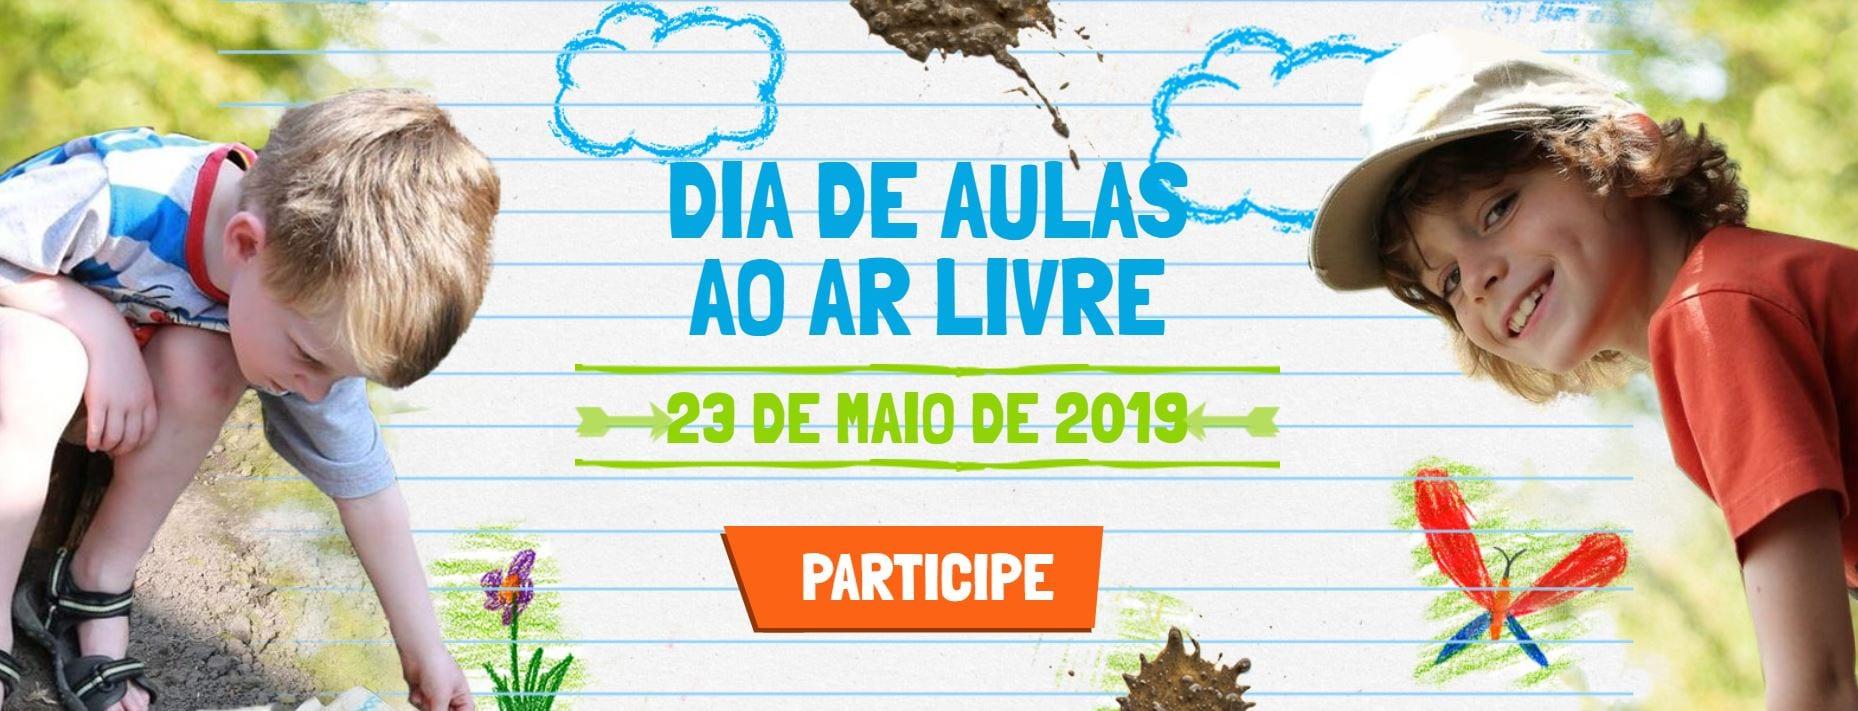 Dia de Aulas ao Ar Livre 2019